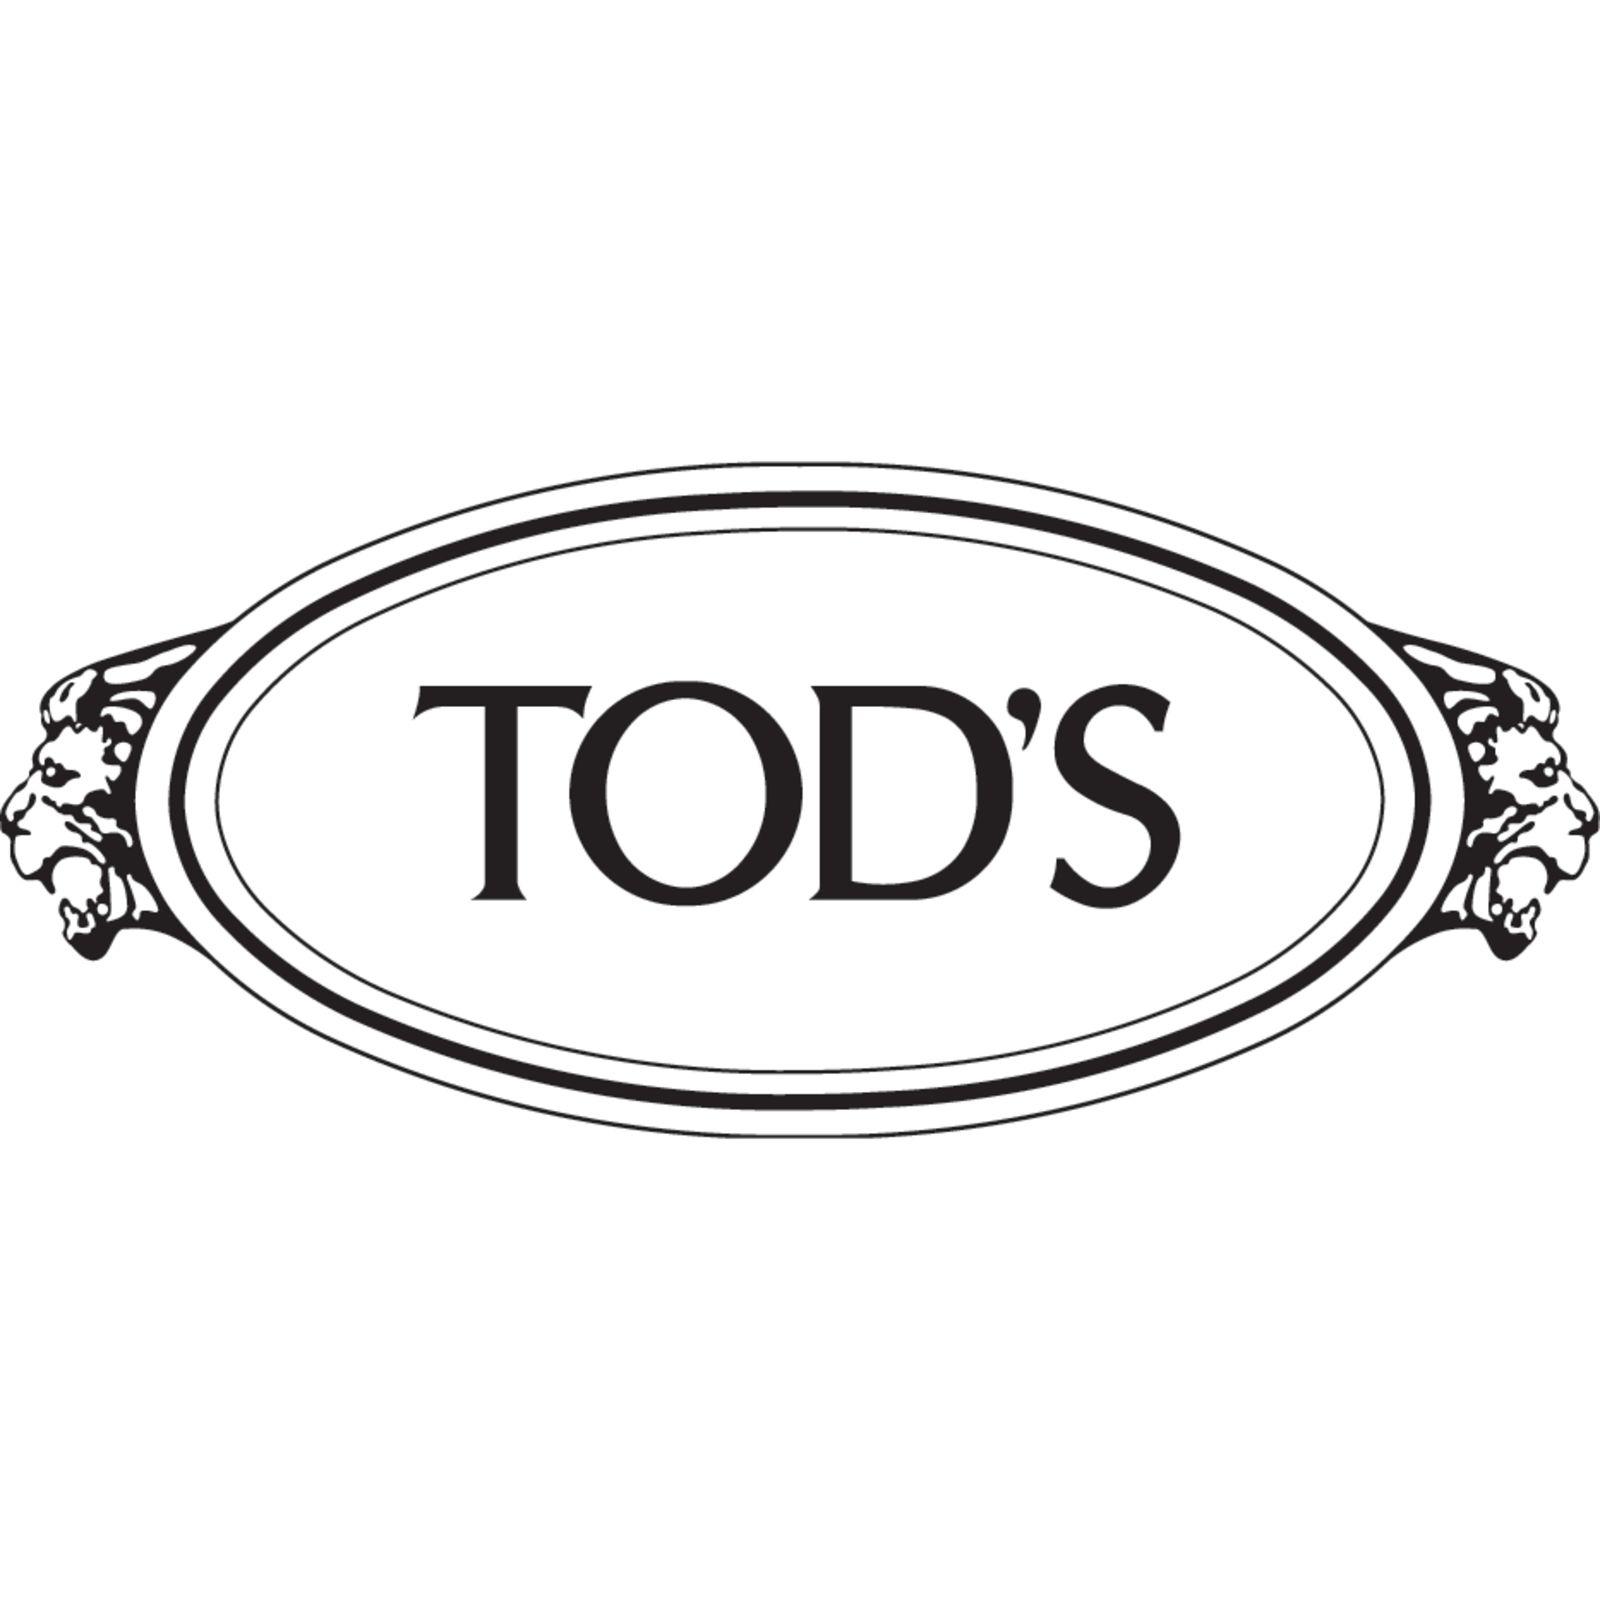 TOD'S (Imagen 1)